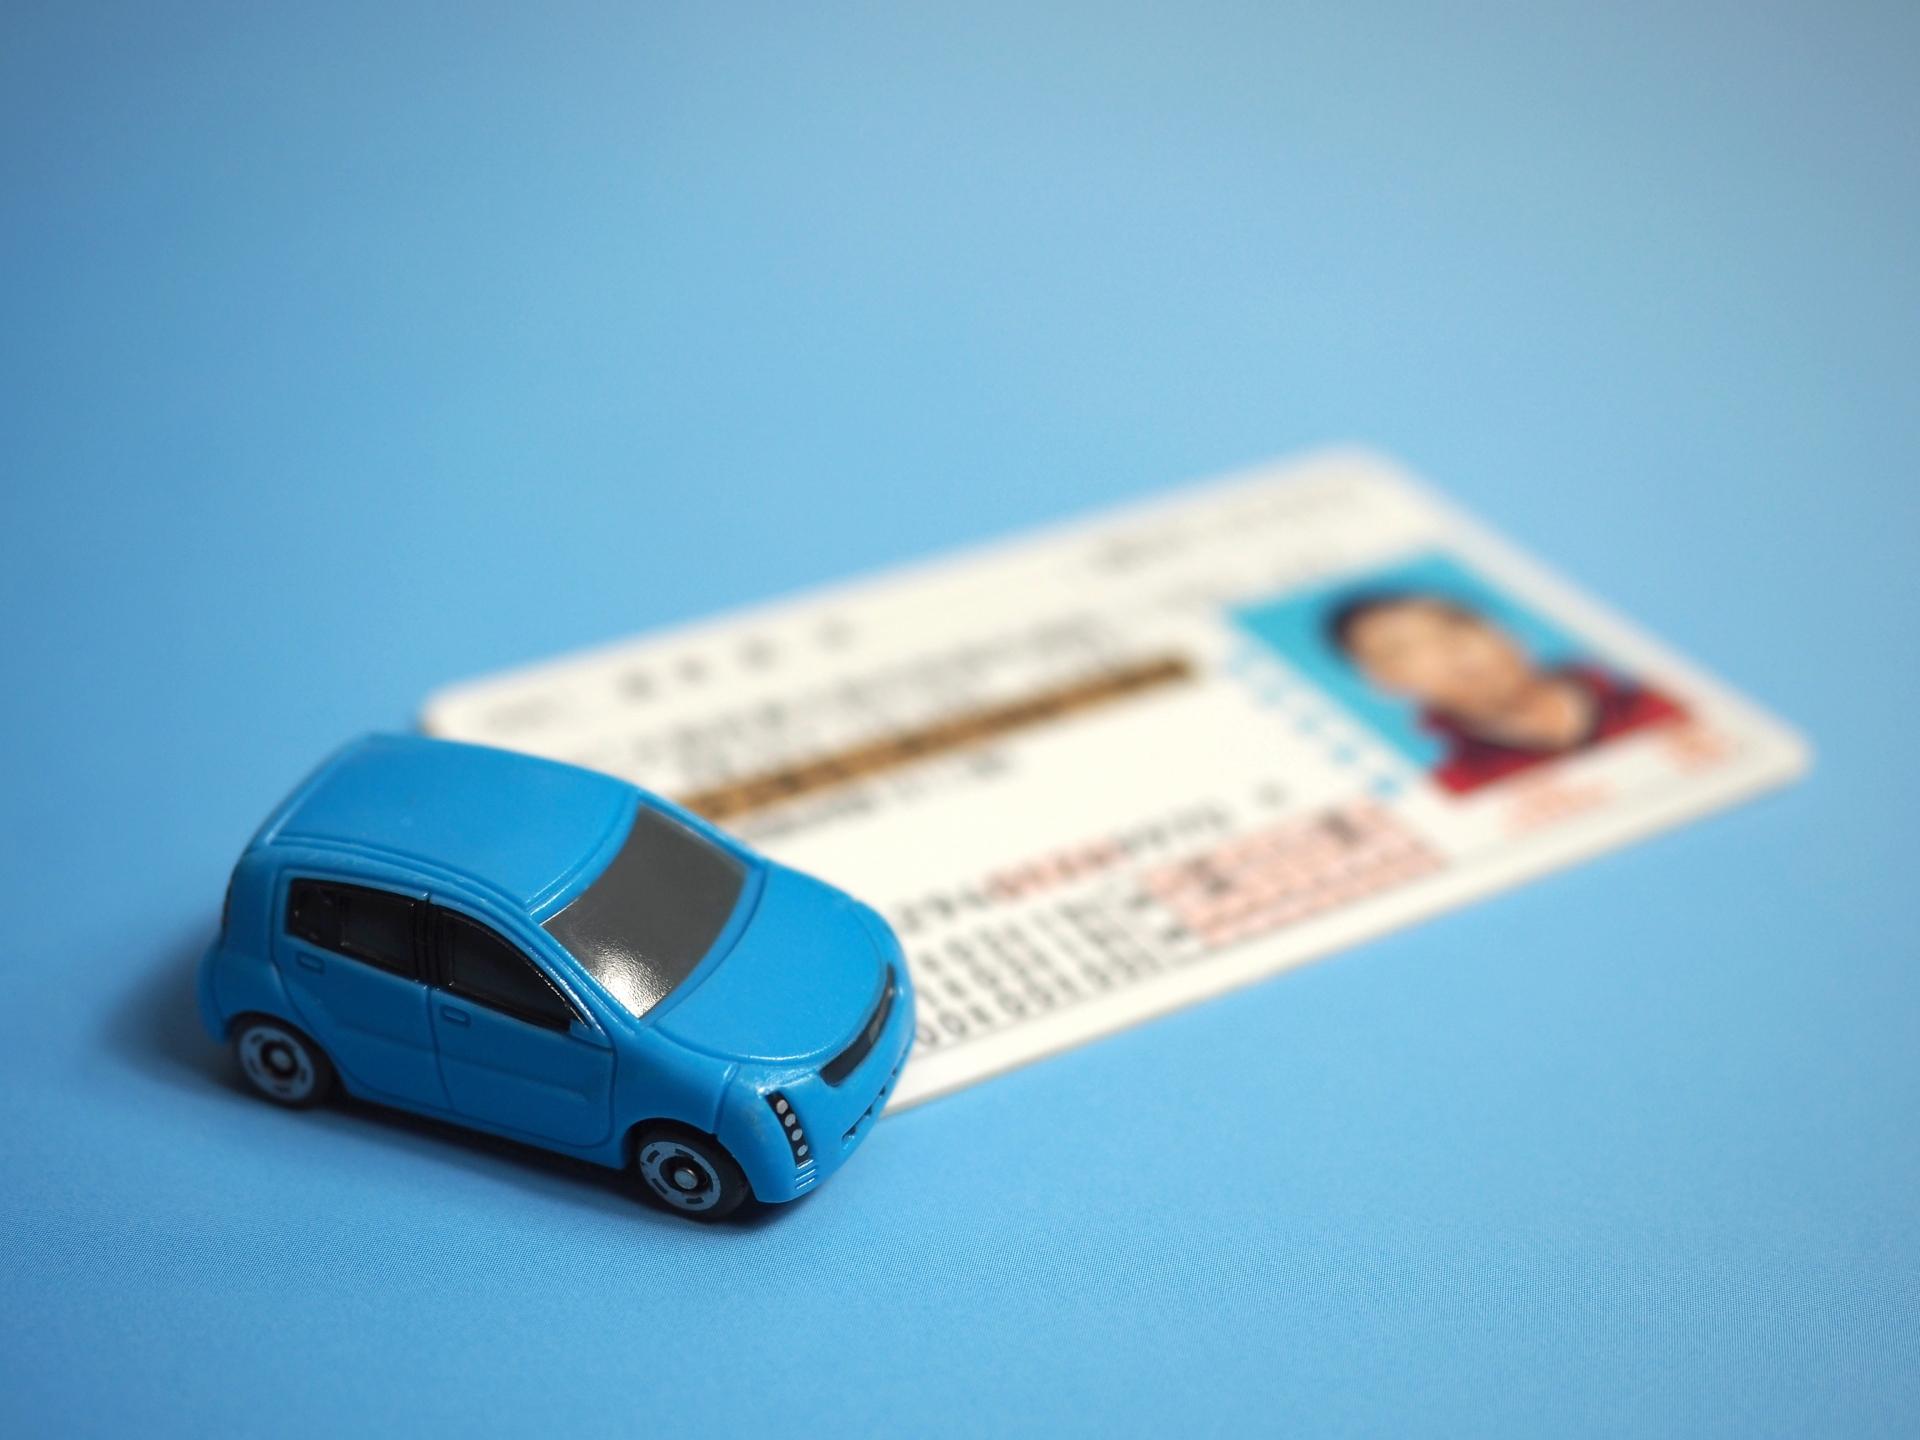 免許証の合格点数は?試験についてや免許証について